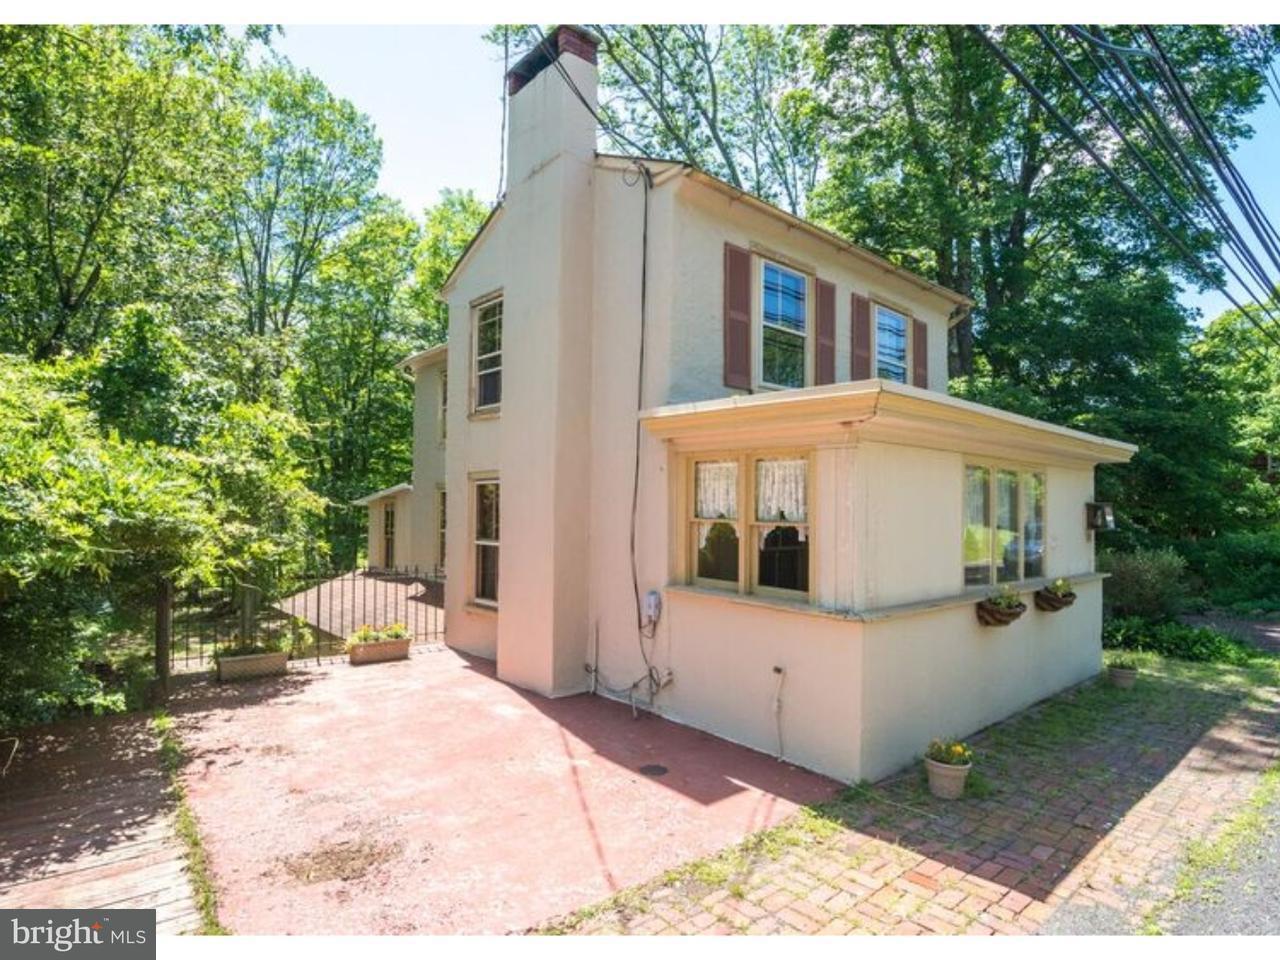 Maison unifamiliale pour l Vente à 3741 AQUETONG Road Carversville, Pennsylvanie 18913 États-UnisDans/Autour: Solebury Township